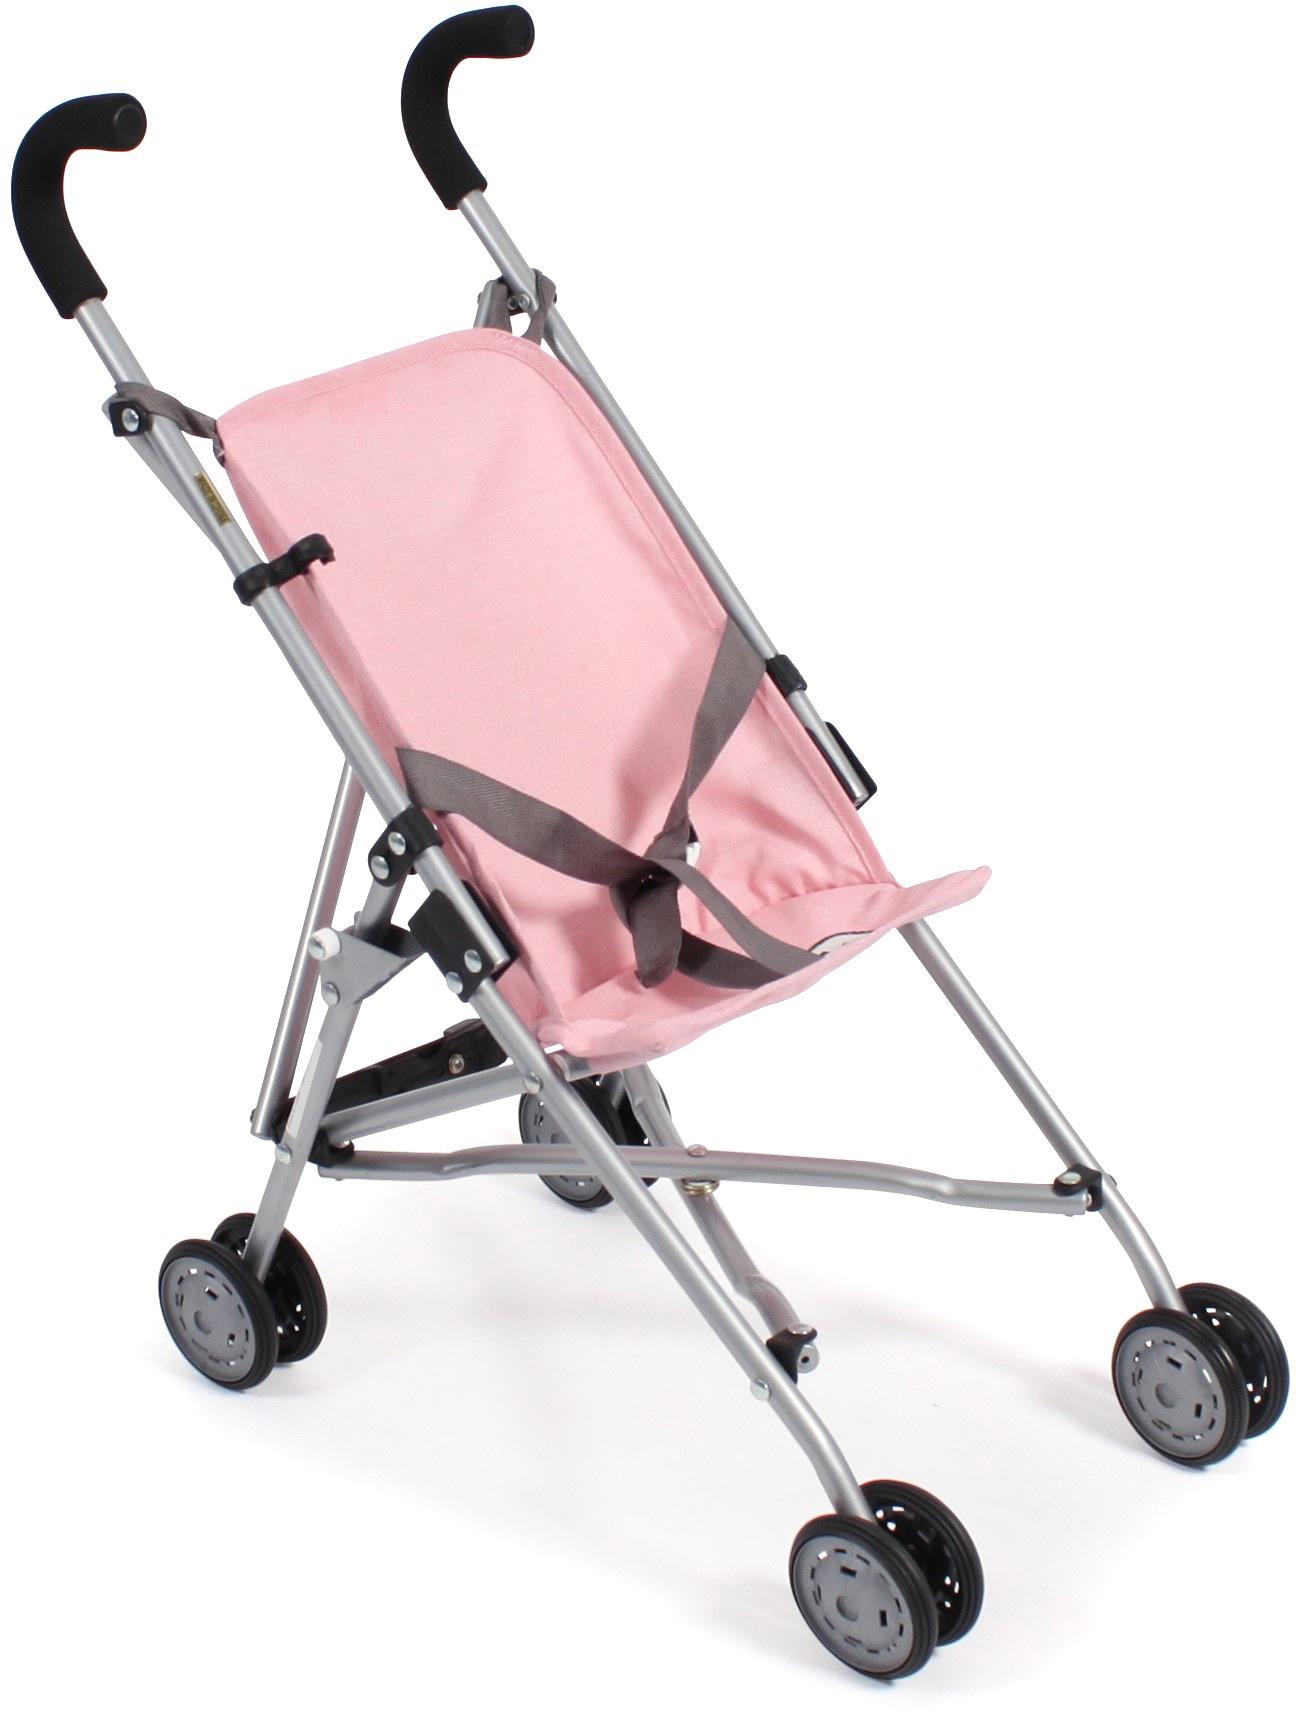 CHIC2000 Puppenbuggy Roma, grau-rosa rosa Kinder Puppenzubehör Puppen Puppenwagen